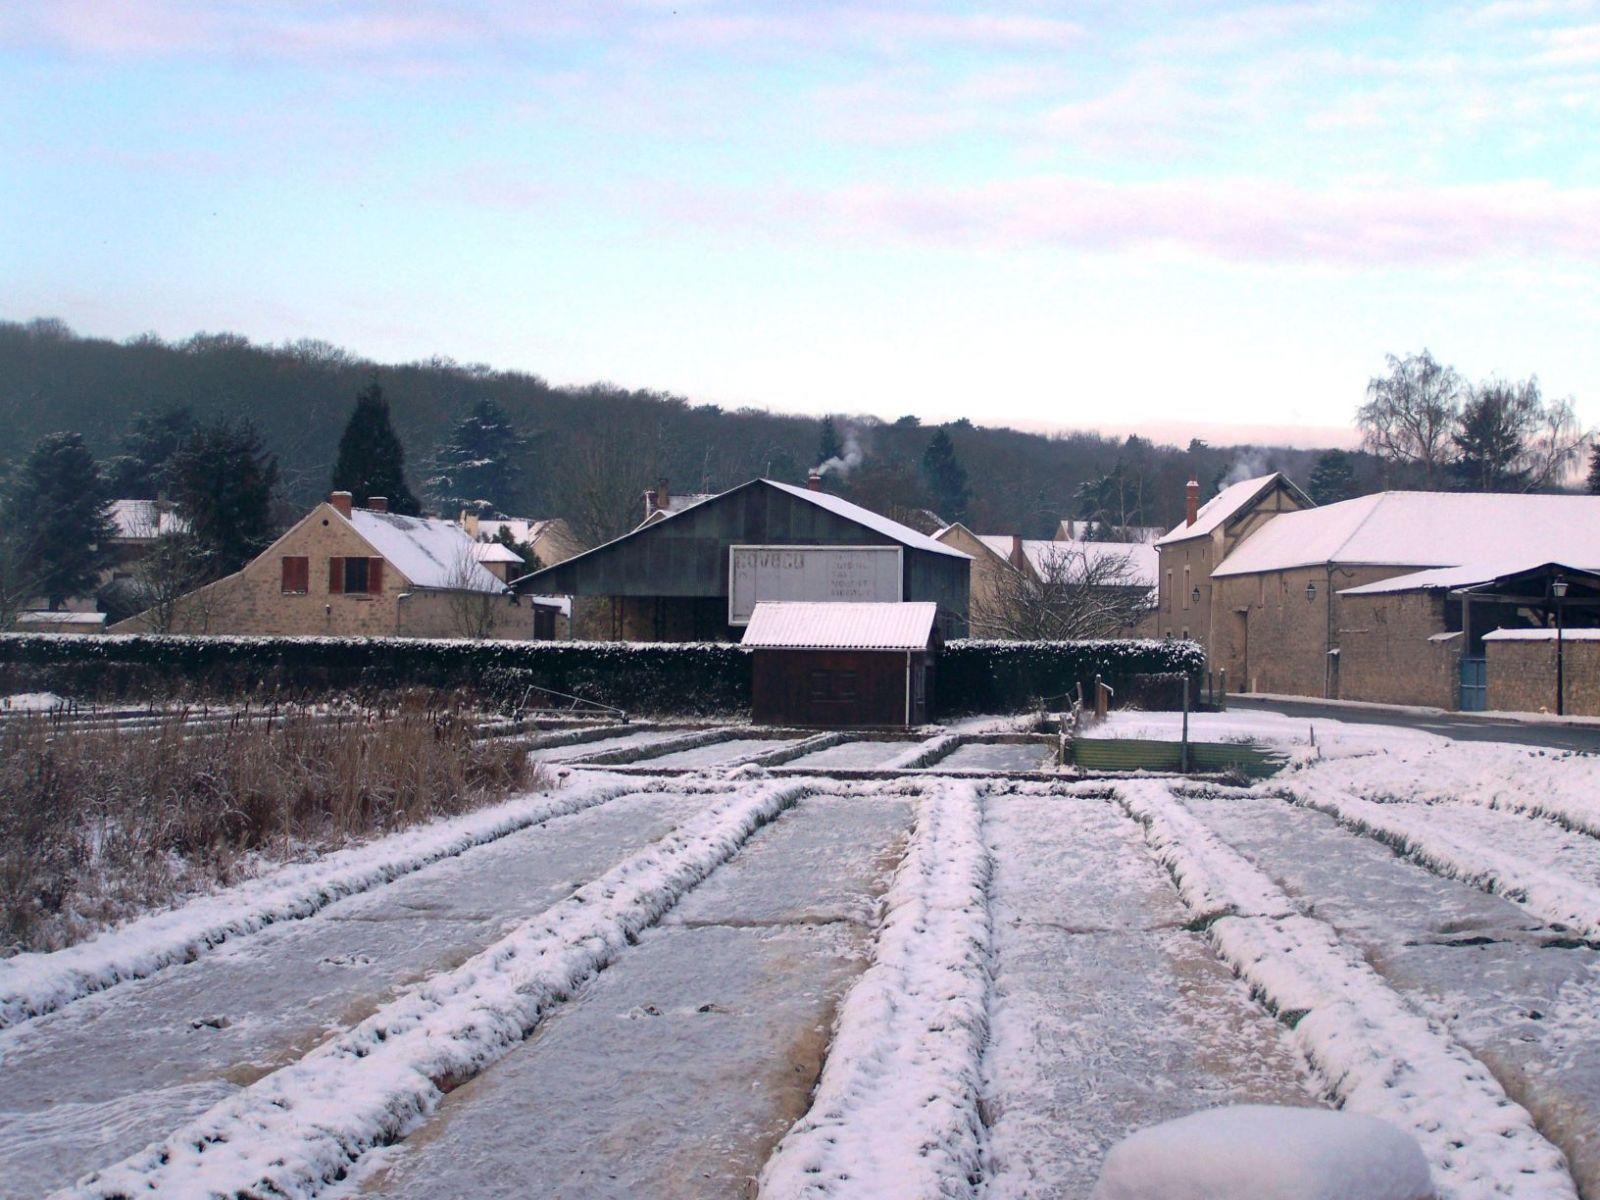 Cressonniere-sous-la-neige